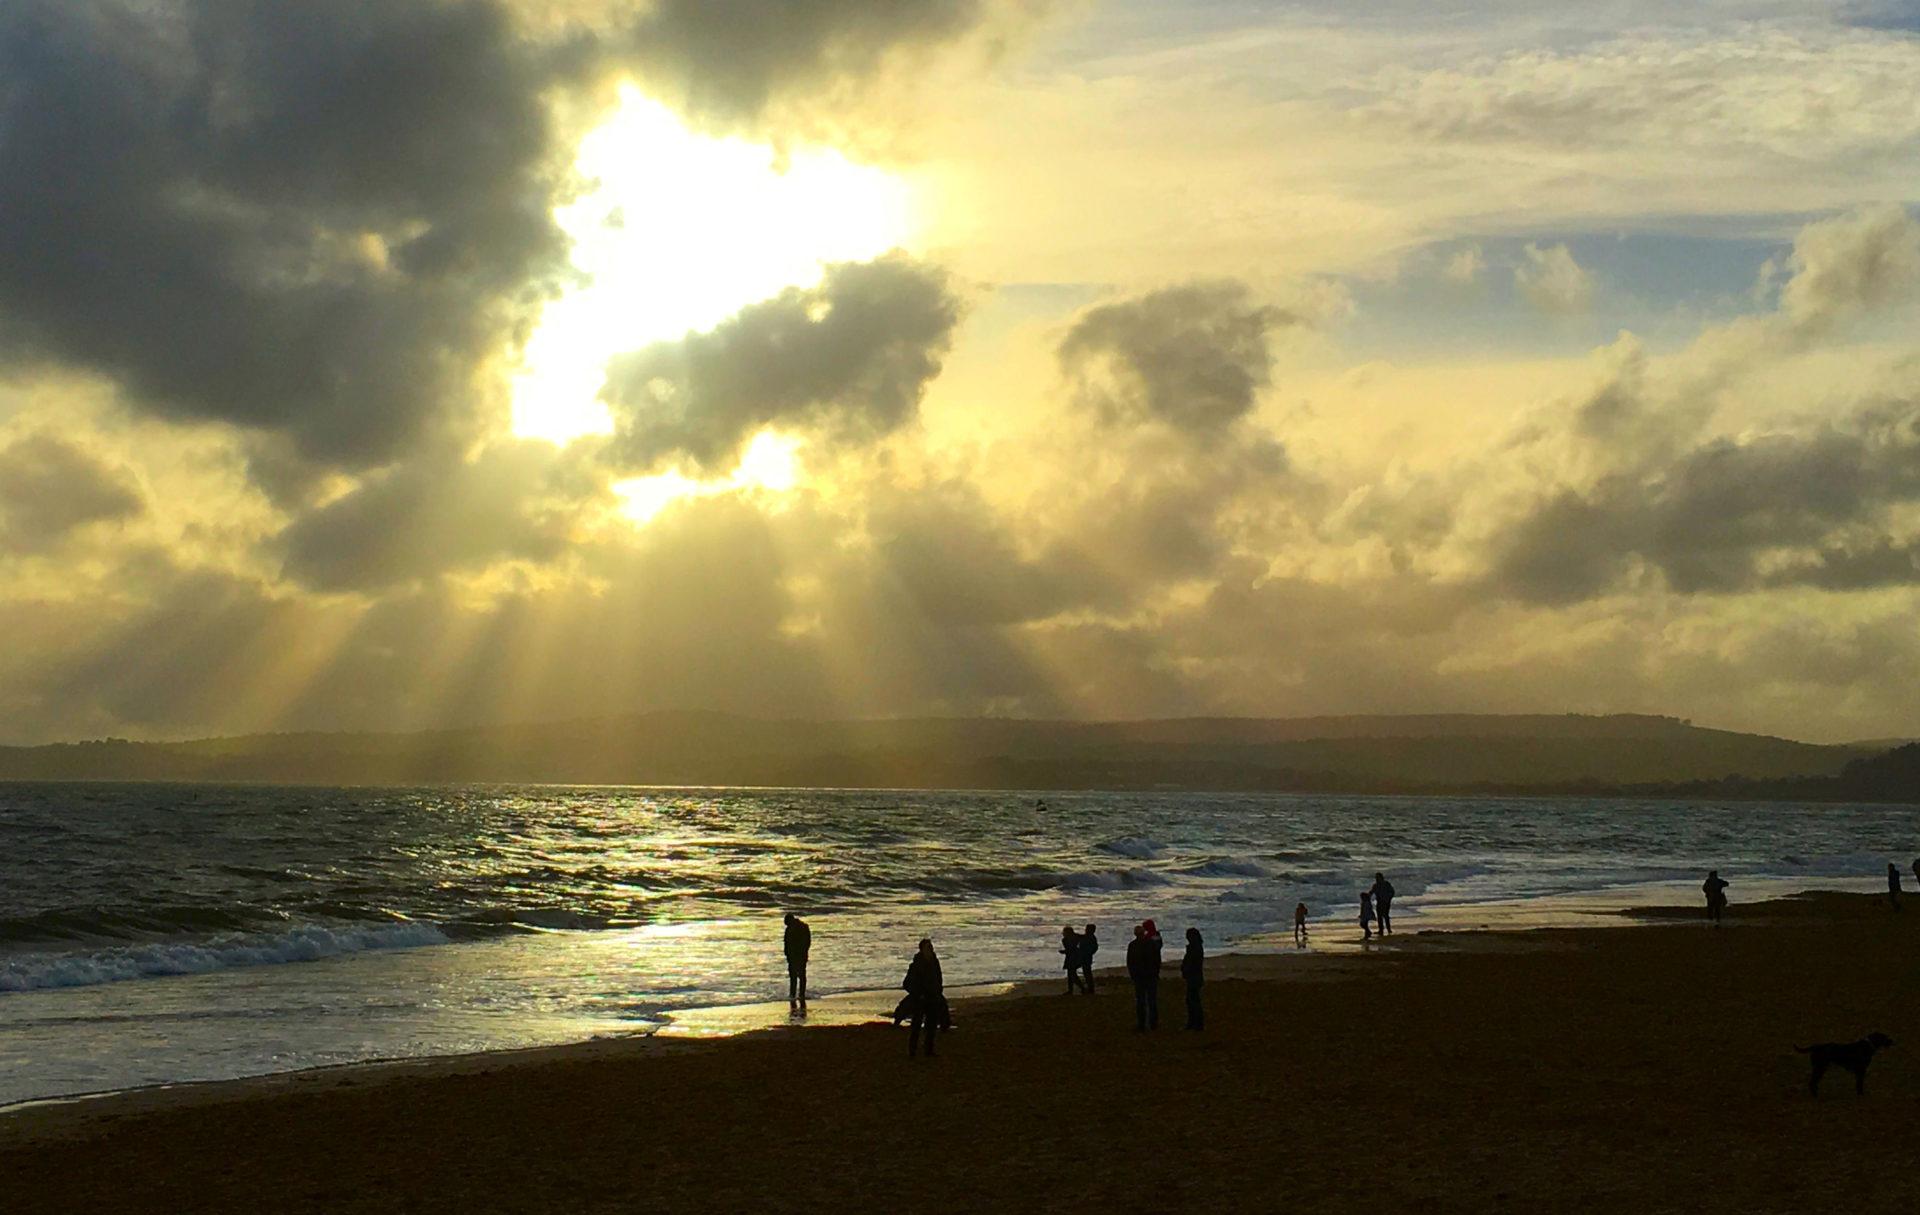 The same Exmouth beach at sundown.  Our favourite beach walk.